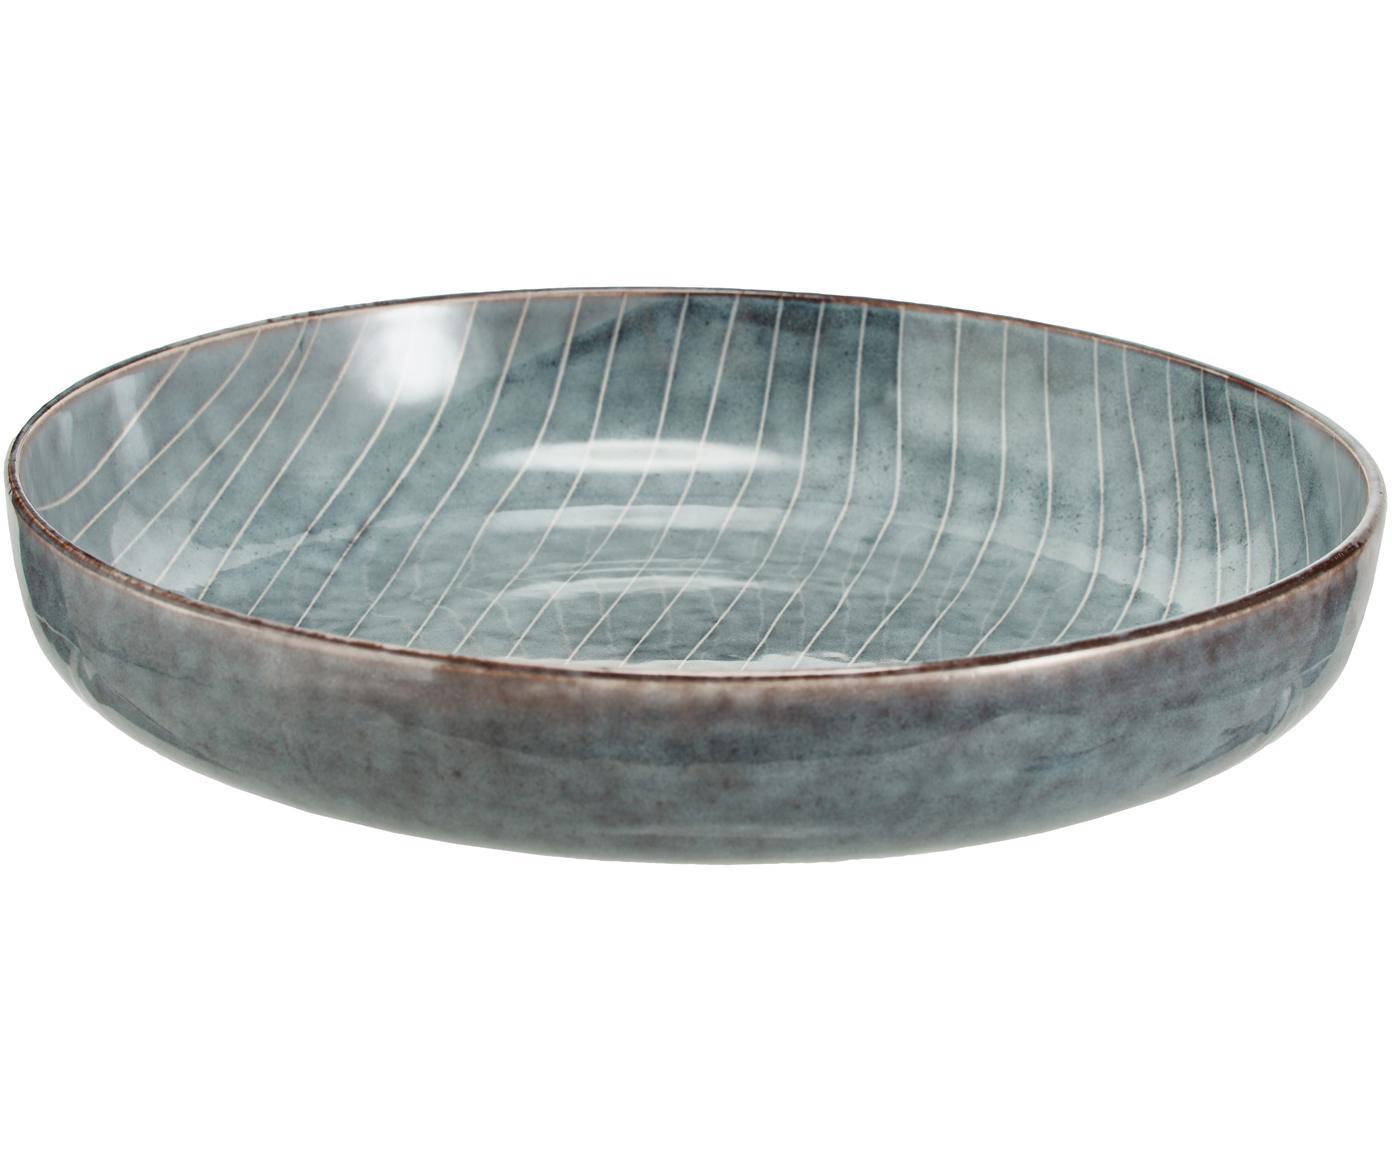 Handgemachte Schalen Nordic Sea, 4 Stück, Steingut, Grau- und Blautöne, Ø 22 x H 5 cm